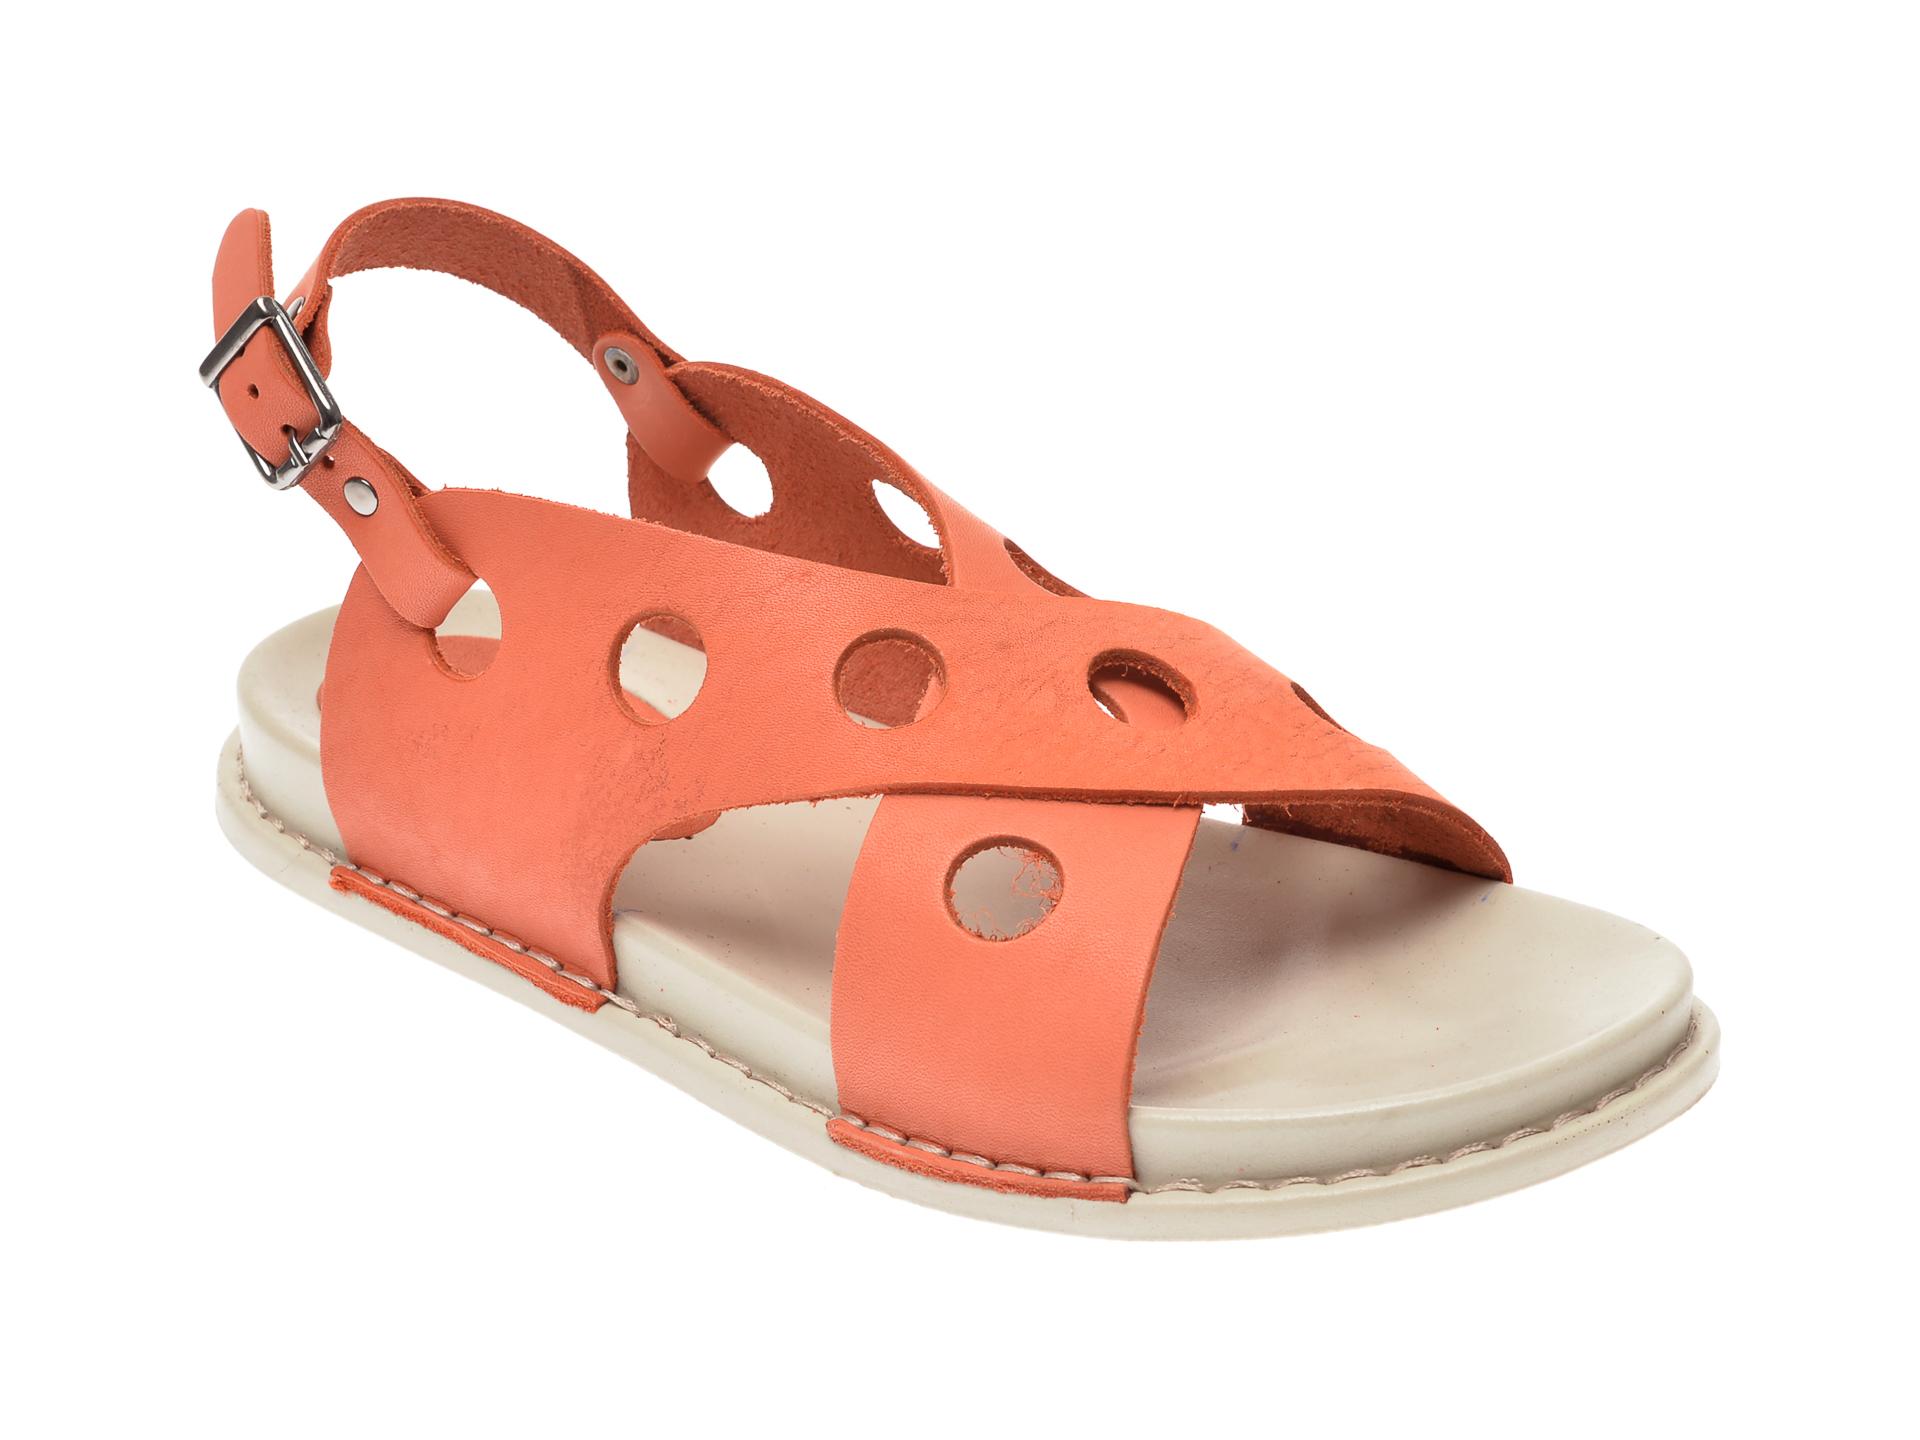 Sandale FLAVIA PASSINI portocalii, 1502, din piele naturala